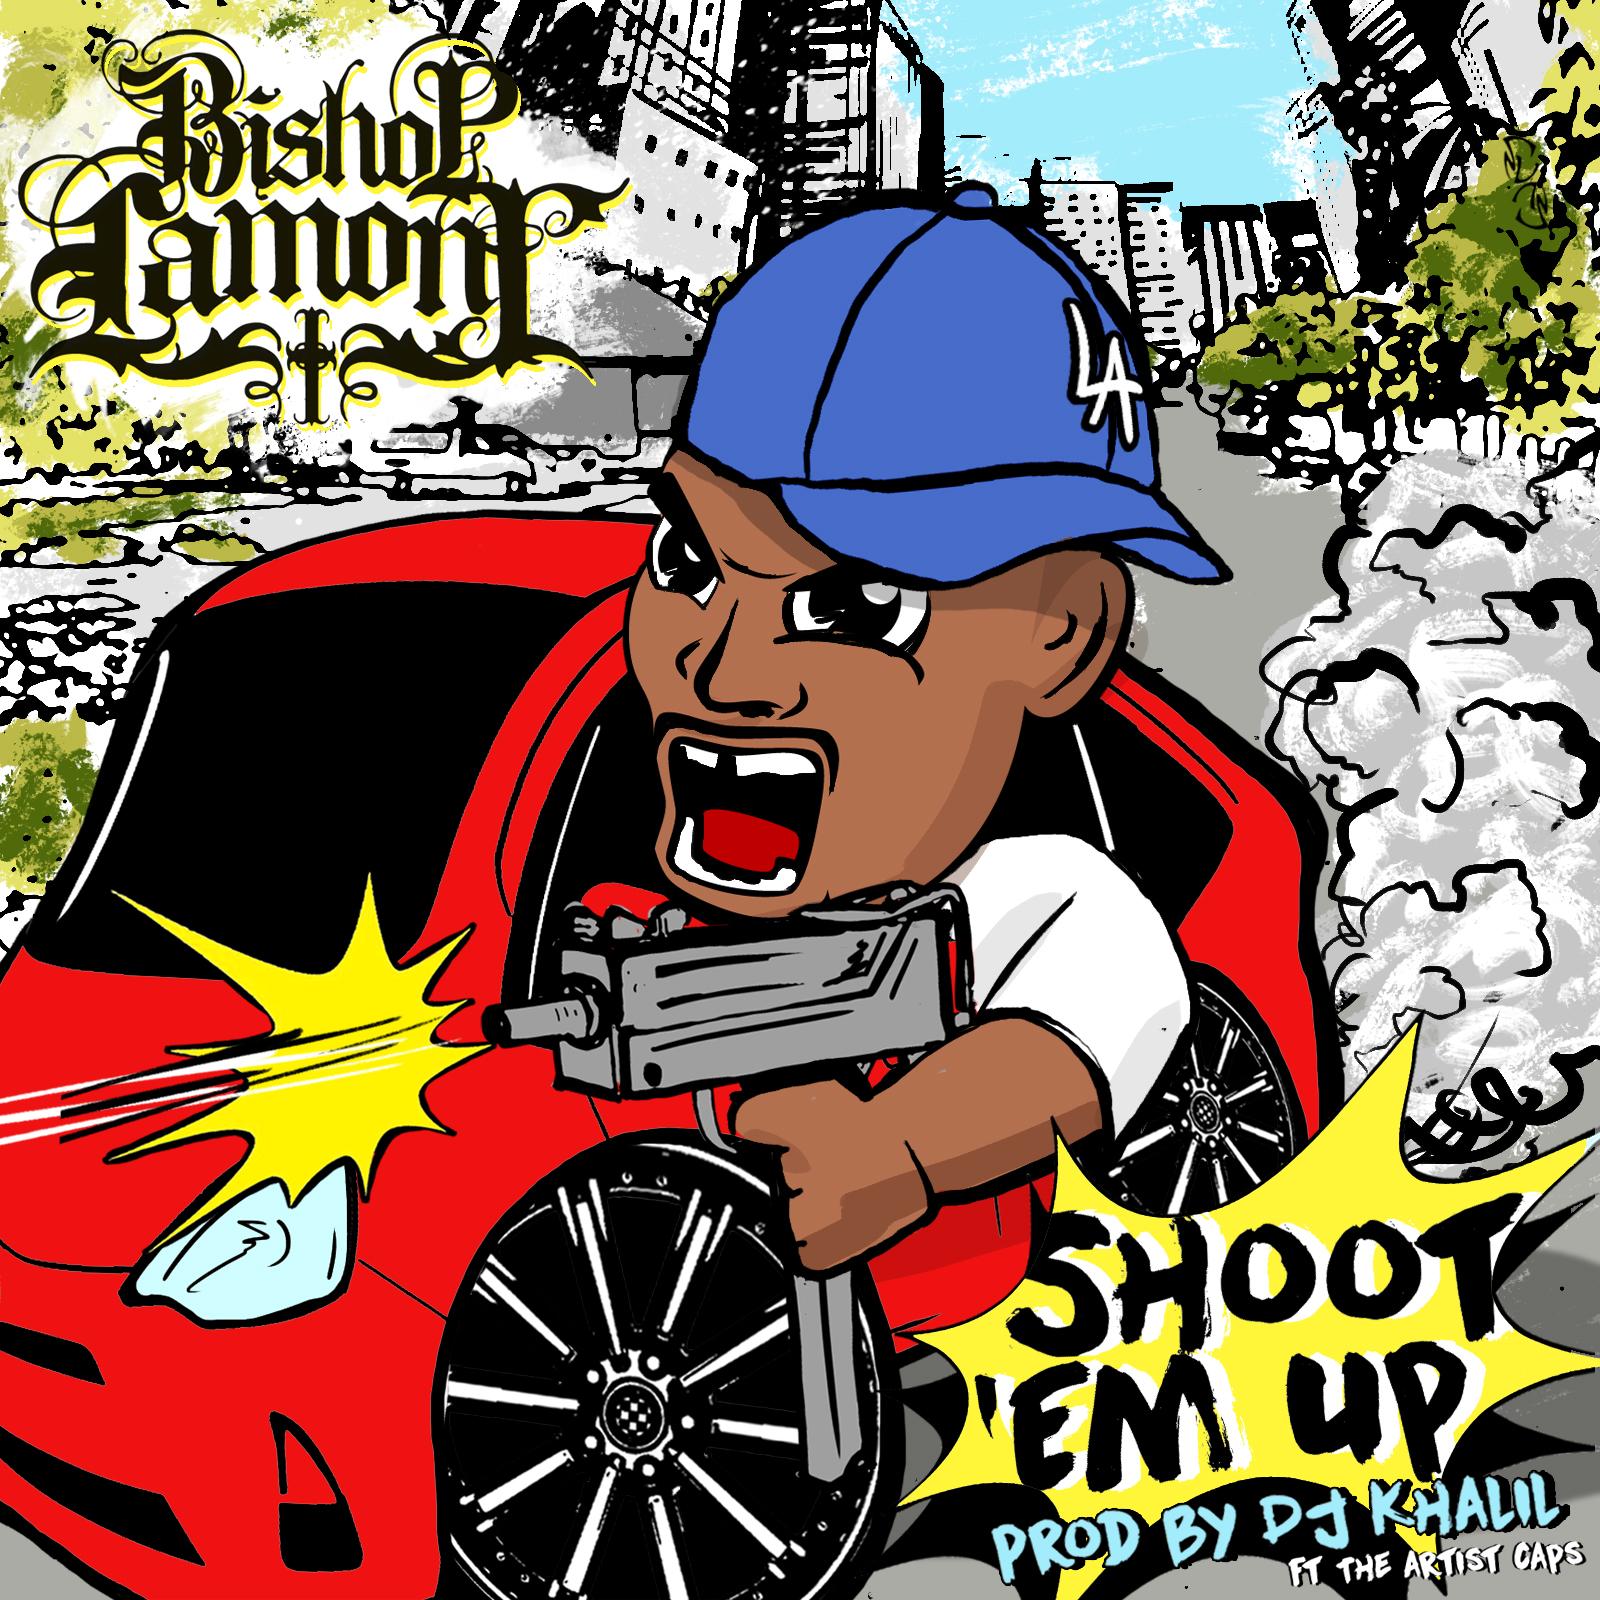 SHOOT EM UP_COVER ART_FINAL.jpg